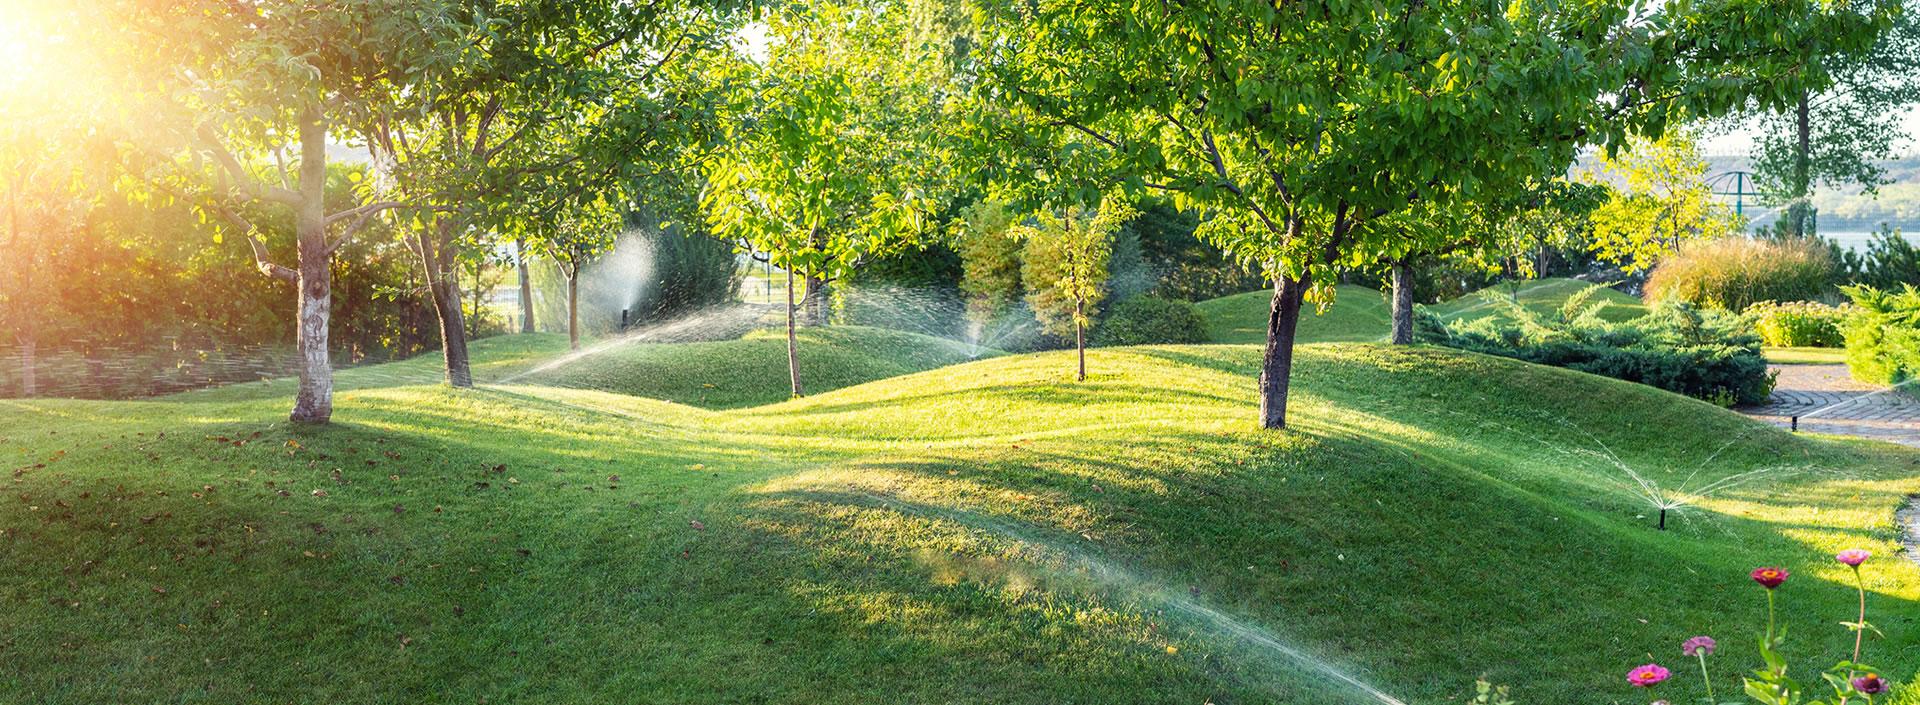 Waterput slaan